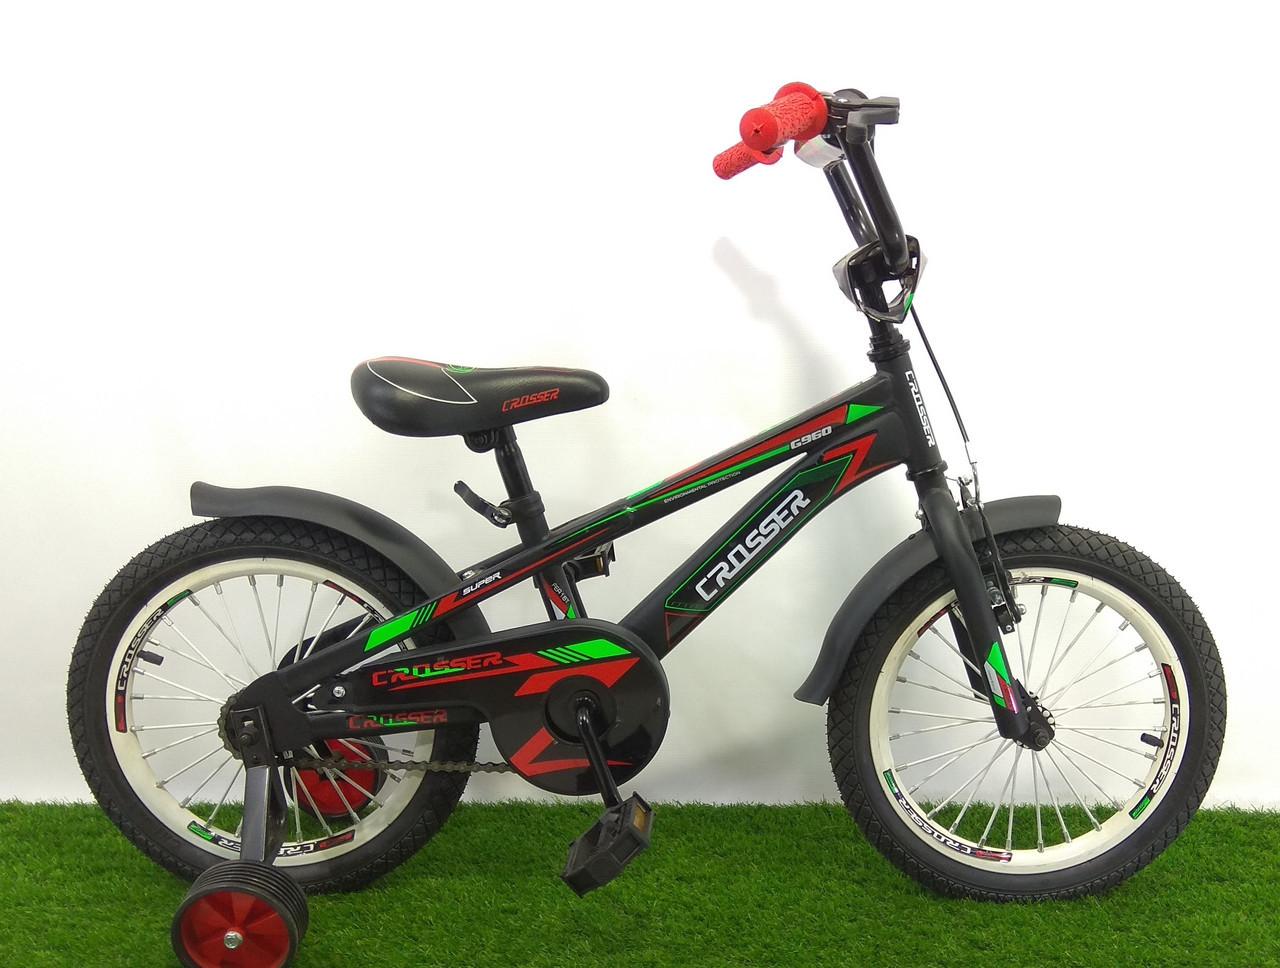 """Детский велосипед Crosser G 960 16"""""""